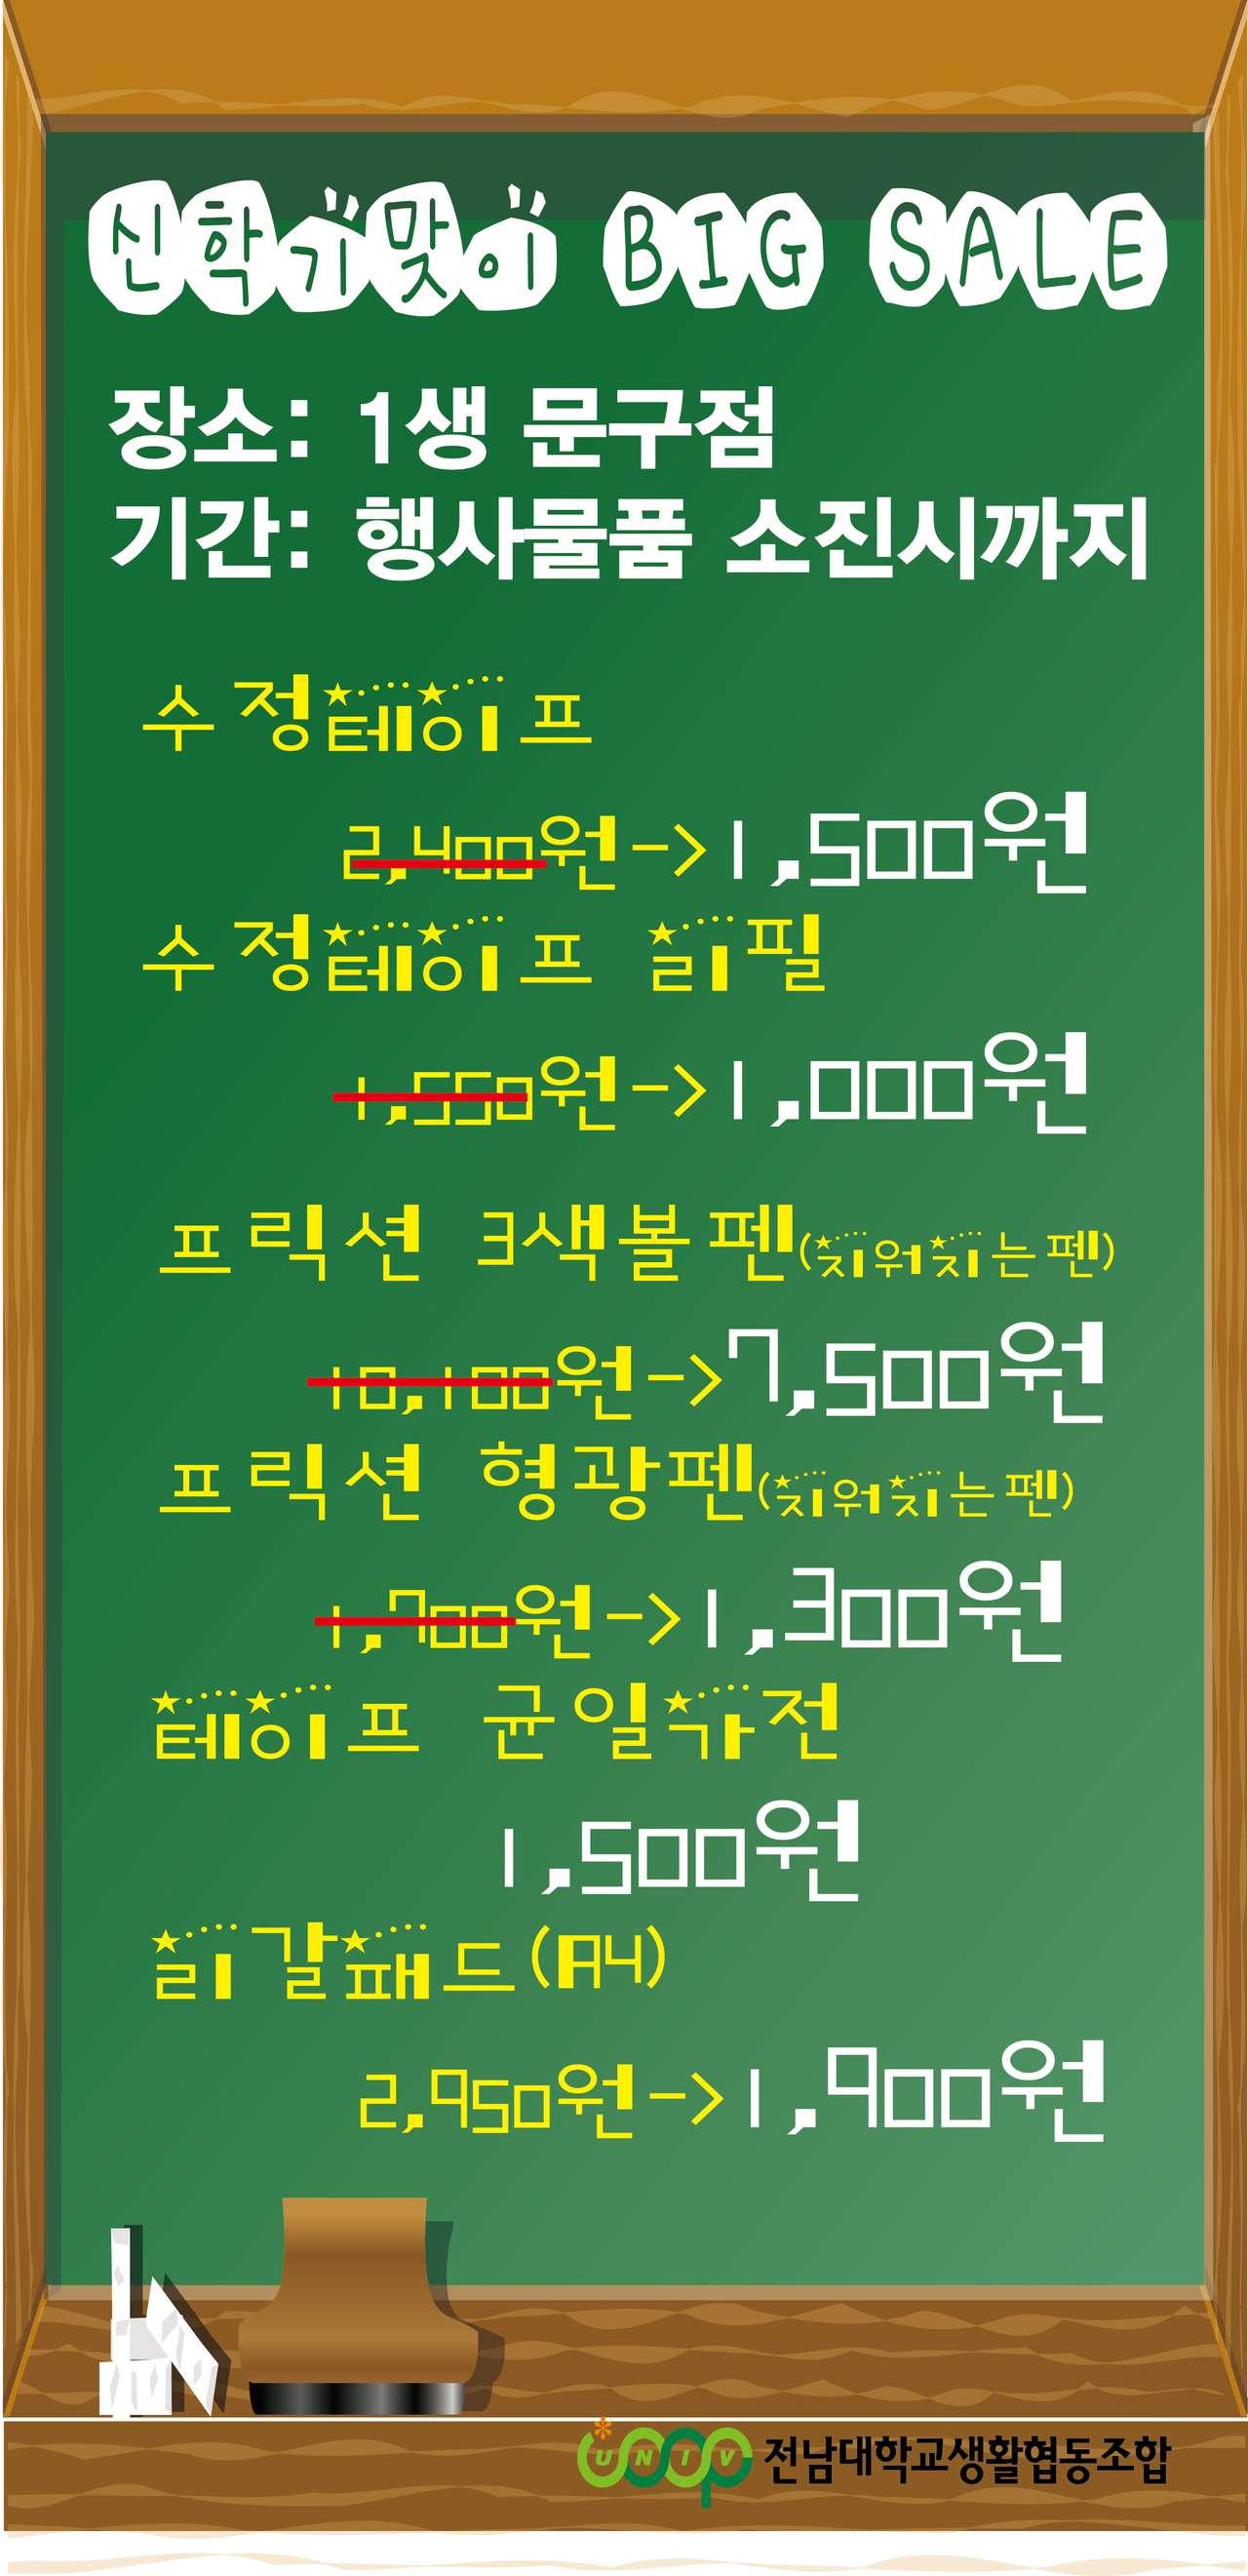 2017_8월_전남대생협-2학기 맞이 생협 문구점 할인행사 안내